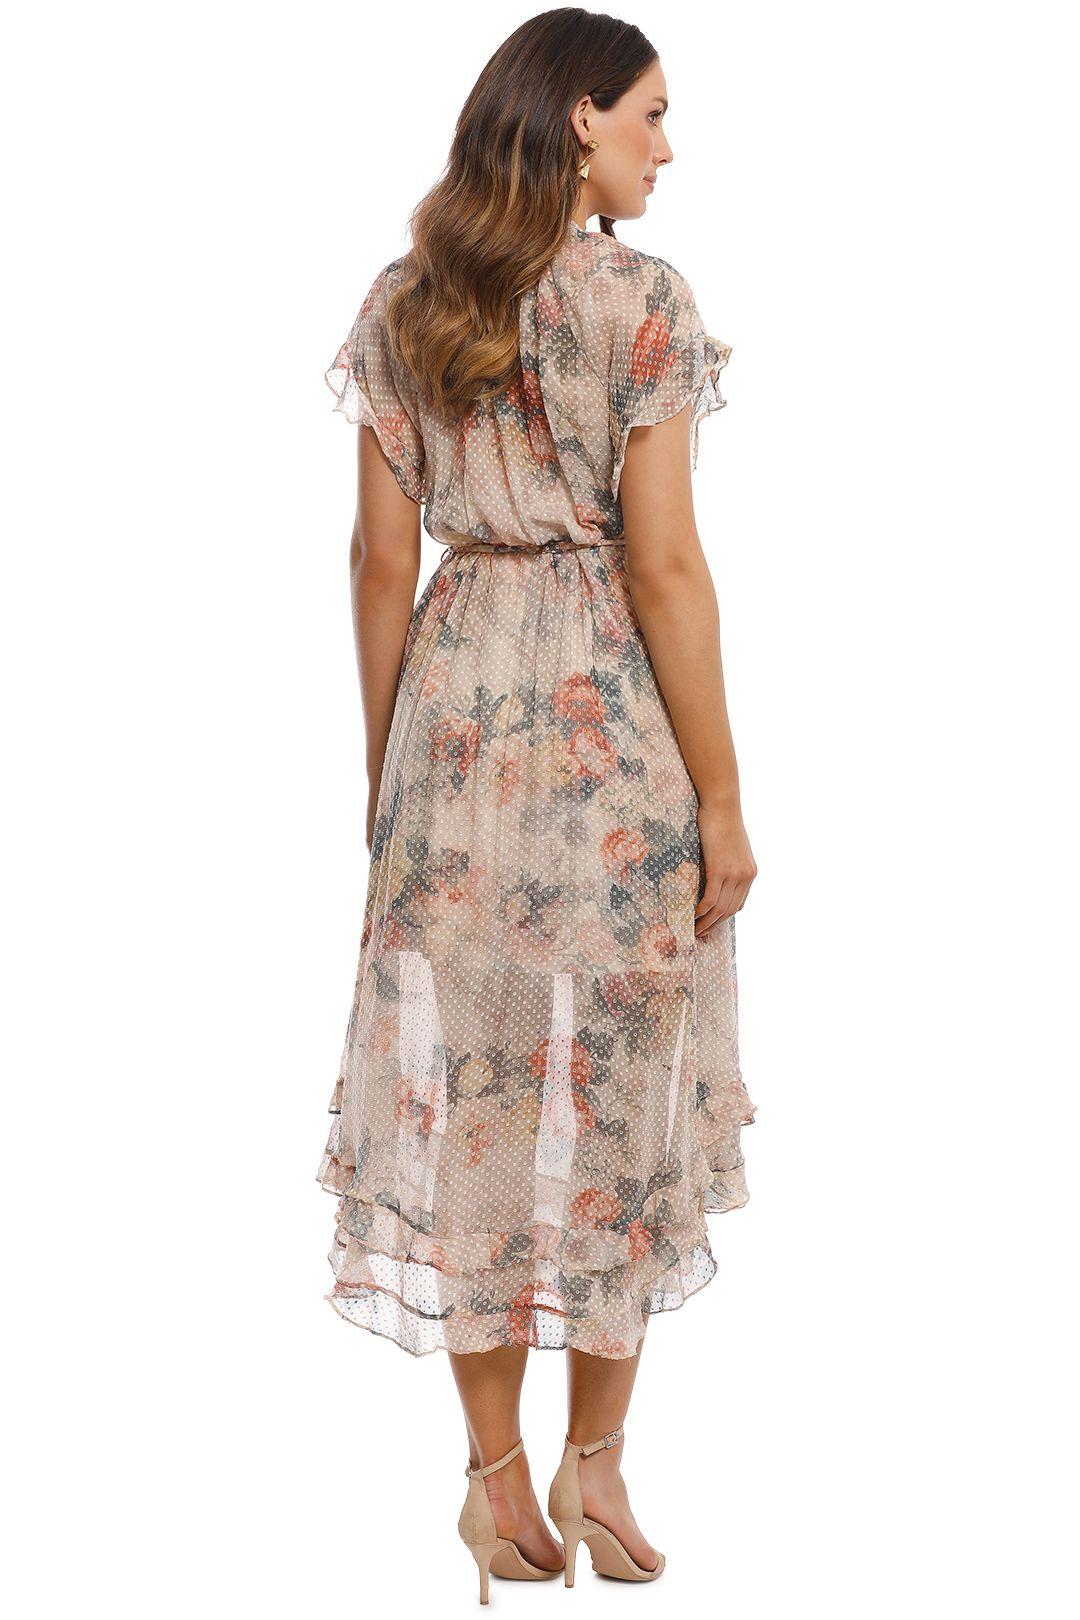 Zimmermann - Radiate Cascade Dress - Cream Floral - Back